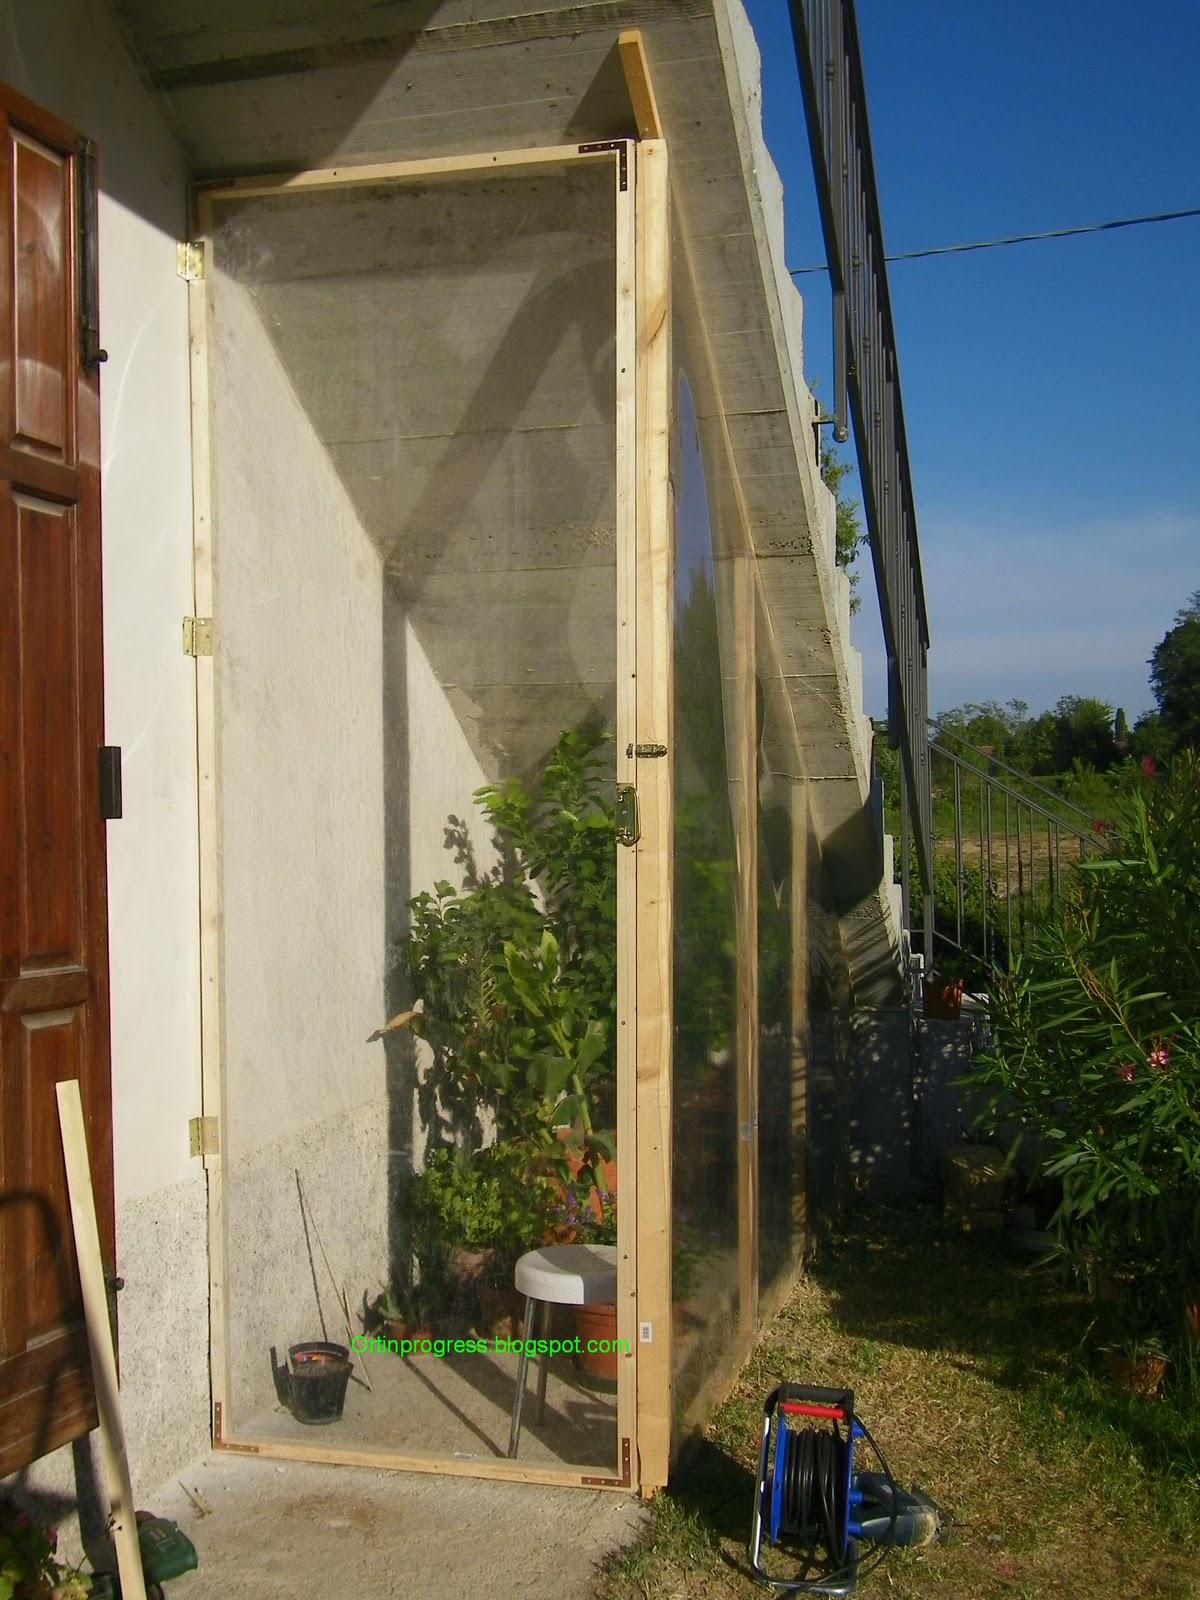 Orti in progress come costruire una serra nel sottoscala 3 ed ultima parte - Costruire una serra in casa ...